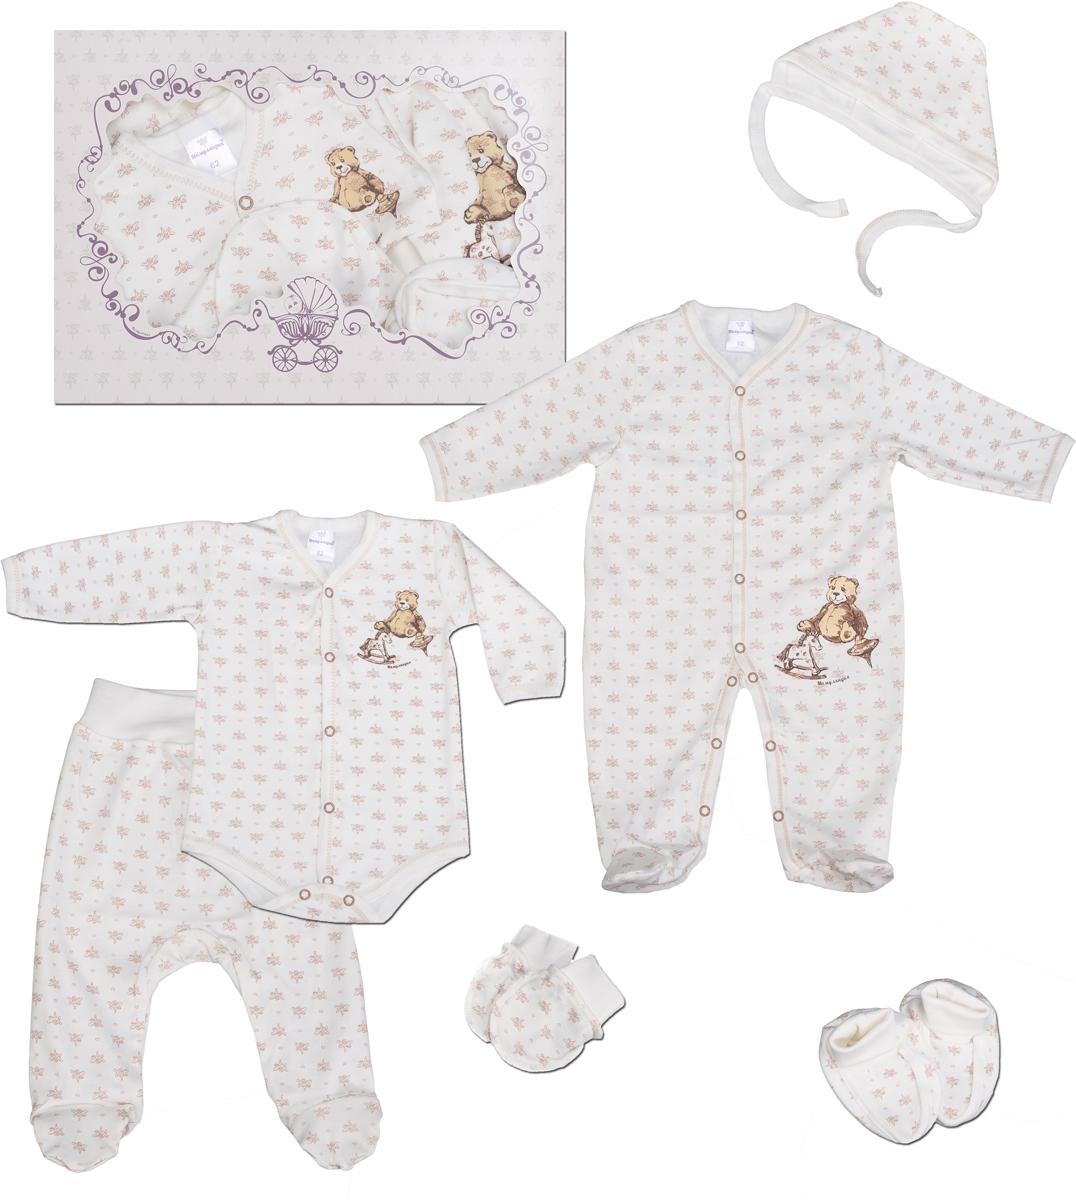 Комплект одежды детский Мамуляндия, цвет: бежевый, 6 предметов. 15-5008. Размер 62 комбинезон ползунки боди mil